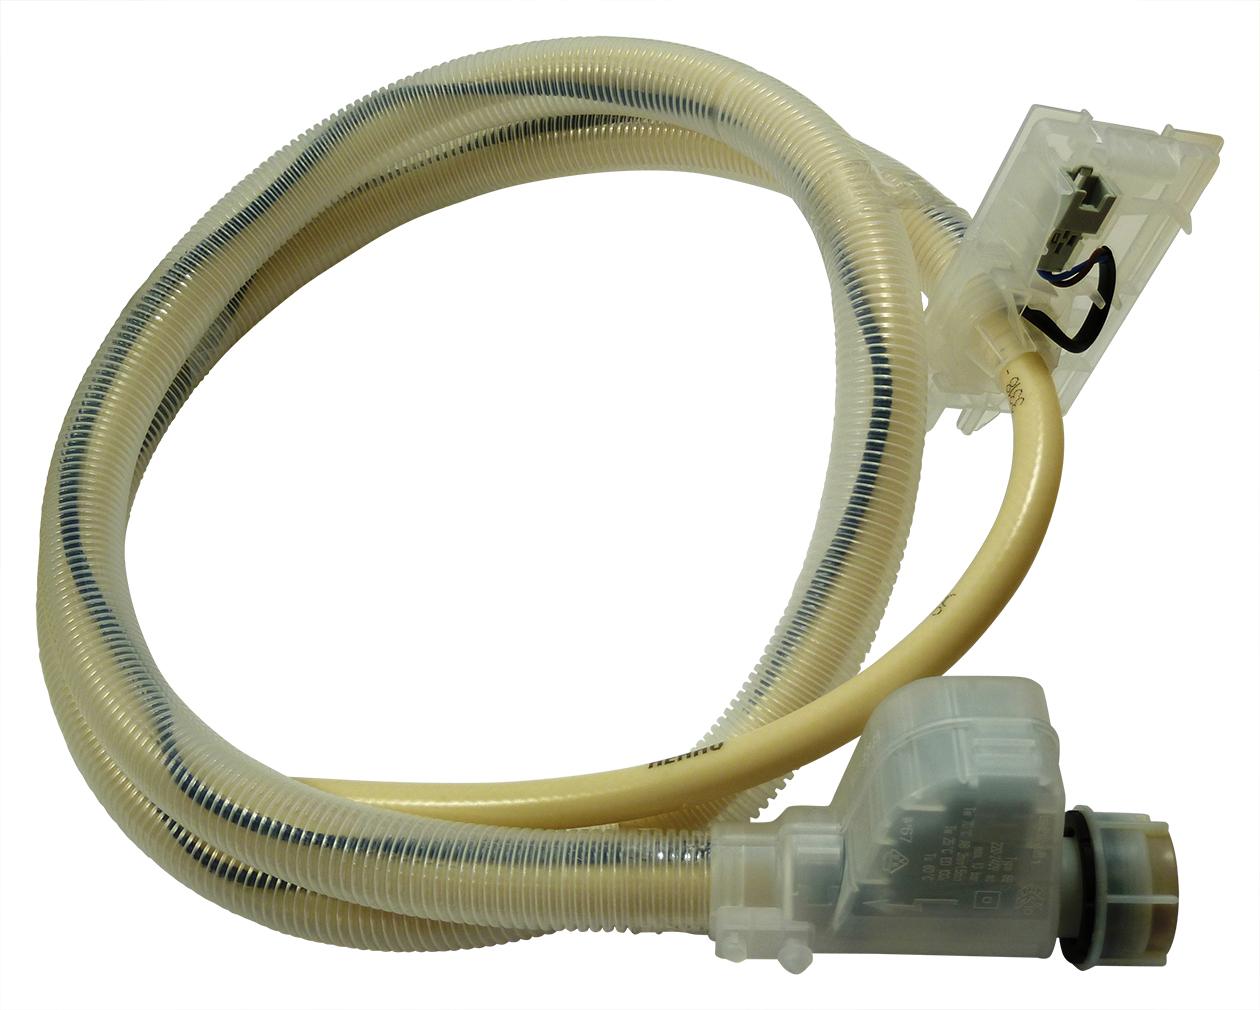 Aquastop Schlauch Siemens : aquastop schlauch bitron type88 siemens bosch sp lmaschine 00668113 668113 top ebay ~ Yuntae.com Dekorationen Ideen